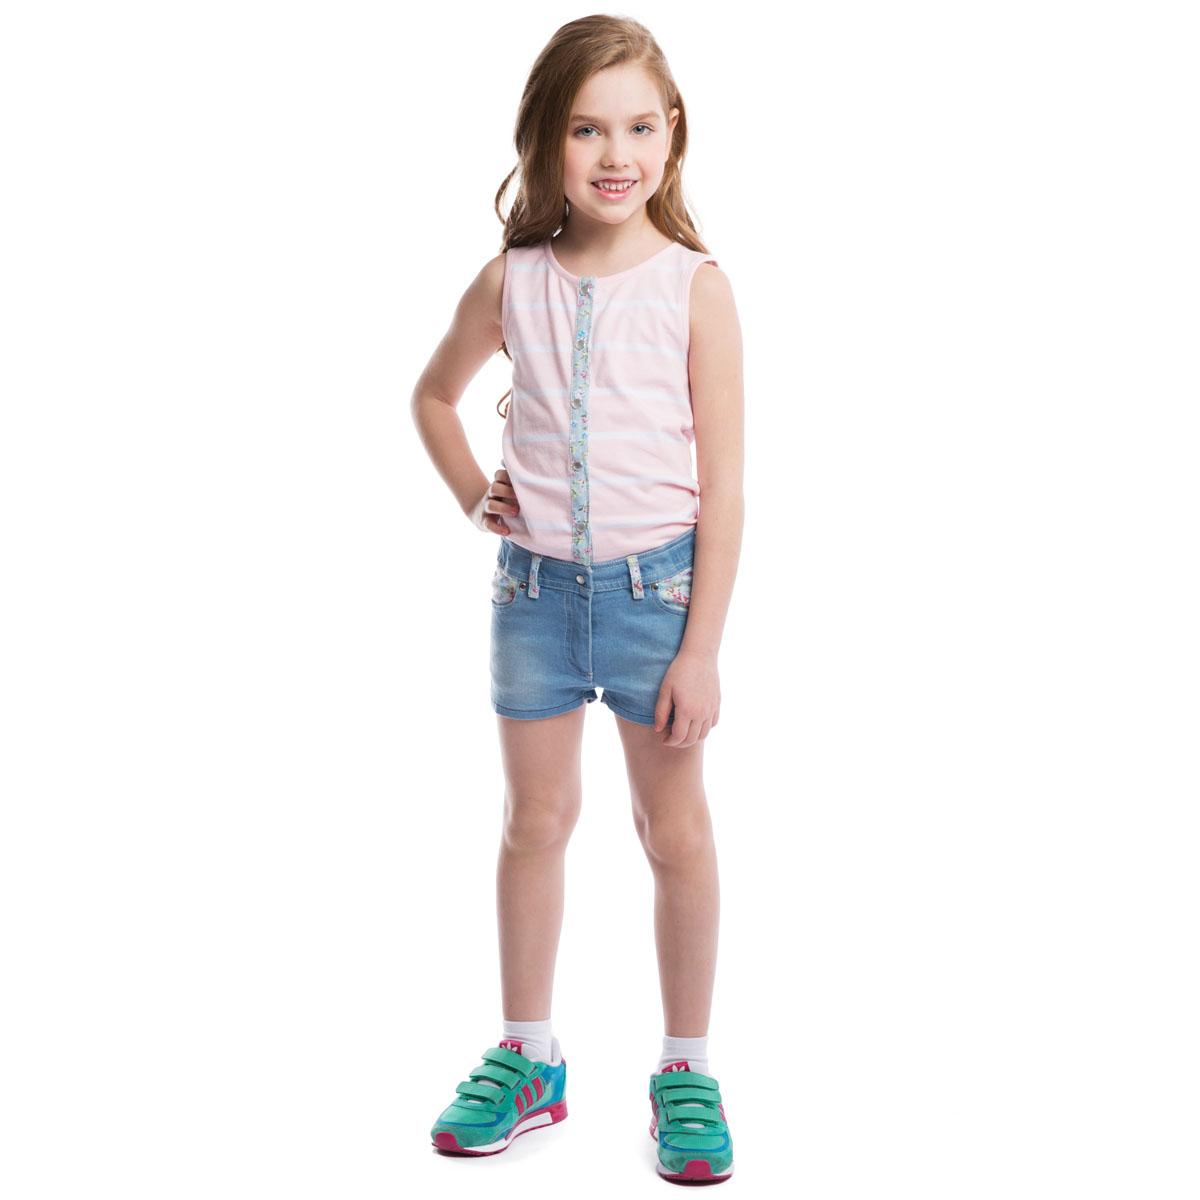 Полукомбинезон для девочки PlayToday, цвет: голубой, розовый, белый. 262002. Размер 116, 6 лет262002Стильный полукомбинезон для девочки PlayToday, выполненный в виде майки с джинсовыми шортиками идеально подойдет вашей малышке и станет отличным дополнением к детскому гардеробу. Изготовленный из эластичного хлопка, он необычайно мягкий и приятный на ощупь, не сковывает движения малышки и позволяет коже дышать, не раздражает нежную кожу ребенка, обеспечивая ему наибольший комфорт. Летний полукомбинезон с высокой грудкой без рукавов и с круглым вырезом горловины застегивается на кнопки, шортики имеют ширинку-молнию, благодаря чему он надежно и удобно сидит, что делает его идеальным для активных игр дома и на свежем воздухе. Имеются шлевки для ремня. Спереди он дополнен двумя втачными кармашками, а сзади - двумя накладными карманами, украшенными фигурными прострочками. В таком полукомбинезоне ваша маленькая принцесса будет чувствовать себя комфортно, уютно и всегда будет в центре внимания!